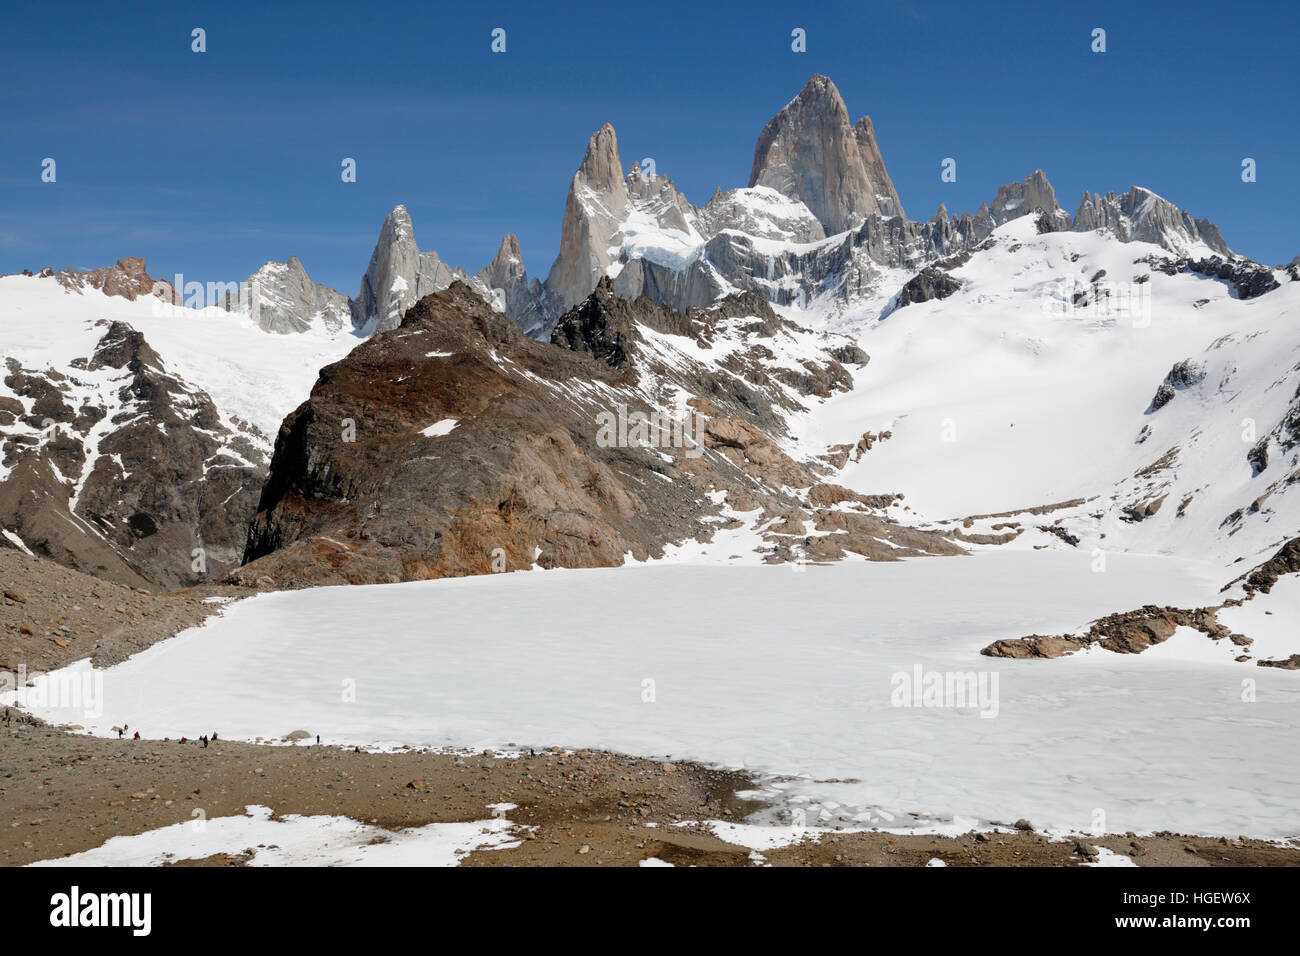 Laguna de los Tres and Mount Fitz Roy, El Chalten, Patagonia, Argentina, South America - Stock Image